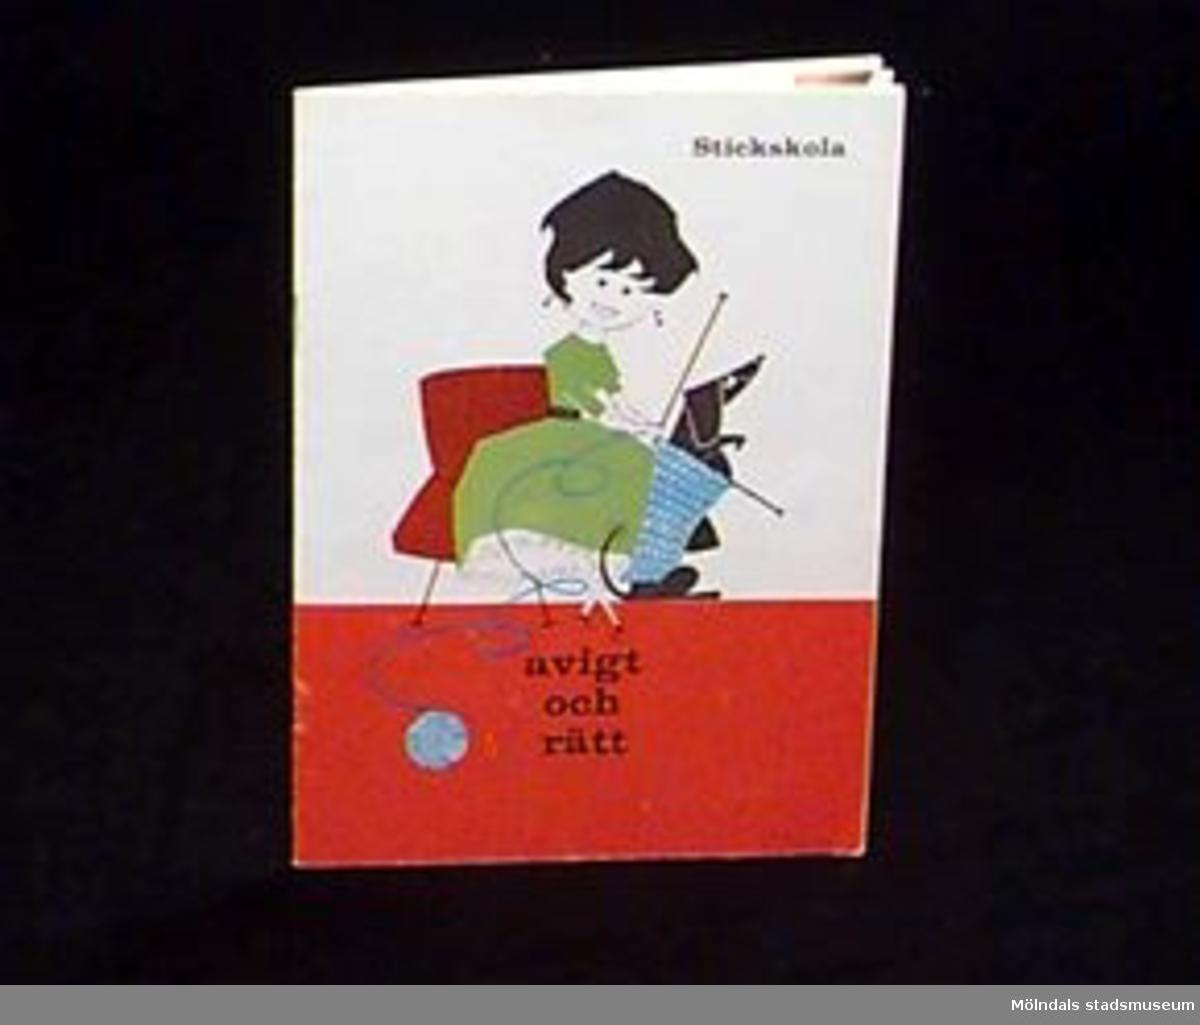 """""""Stickskola - Avigt och rätt"""". Omslag i rött, grönt, blått, svart och vitt, med en teckning av en flicka som stickar. Broschyr med instruktioner för stickning samt några stickbeskrivningar avsedd för skolungdom. På insidan en klisterlapp med Birgit Ekstrands namn och adress.Övriga uppgifter se 02643:1."""